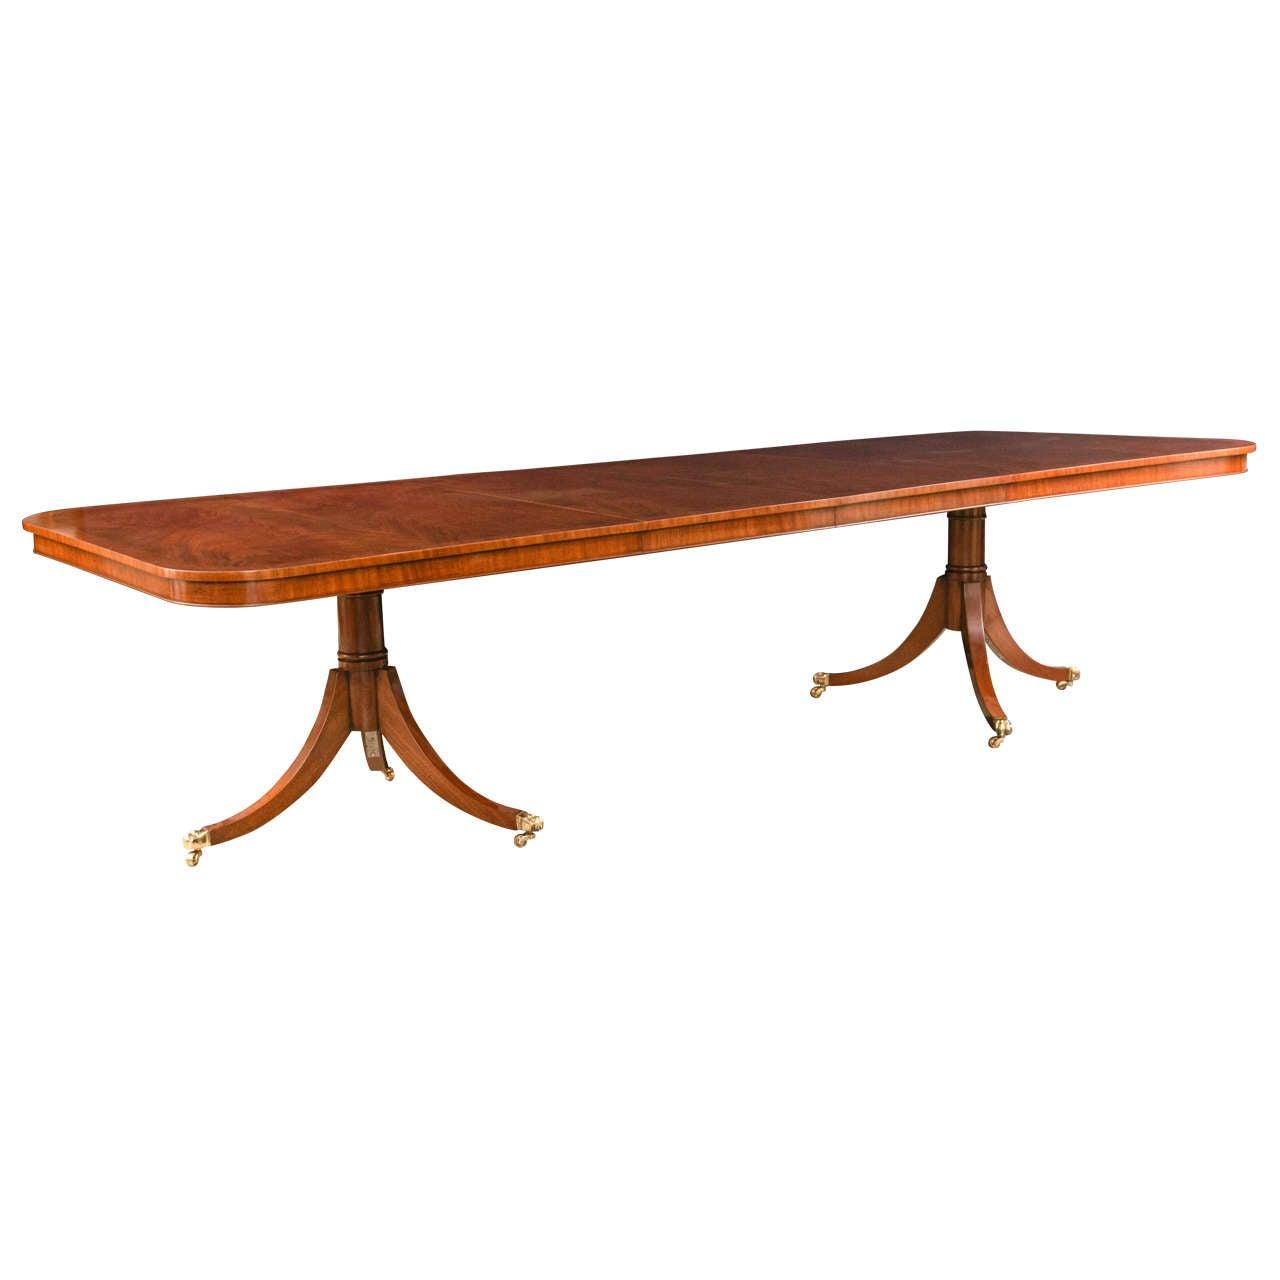 Custom English Mahogany Double Pedestal Dining Table